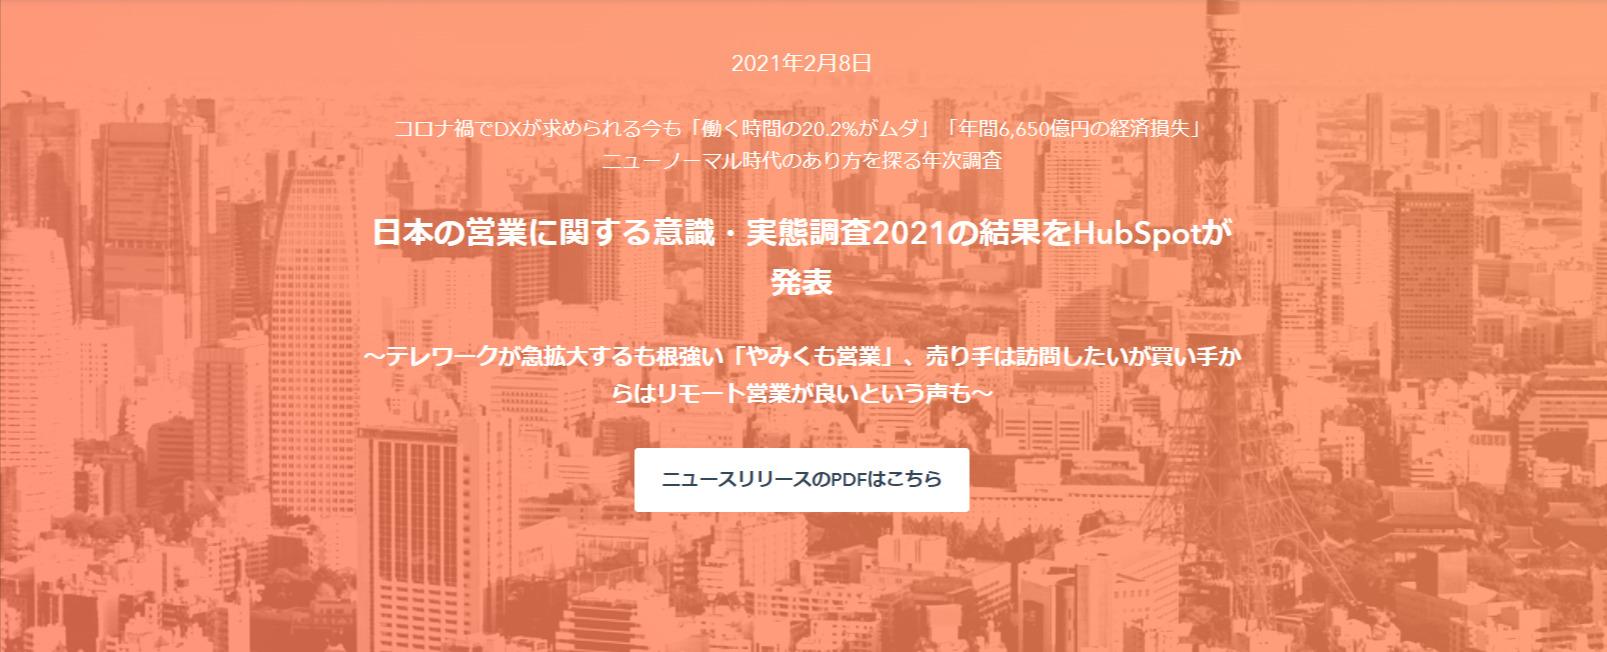 2位:日本の営業に関する意識・実態調査2021の結果をHubSpotが発表